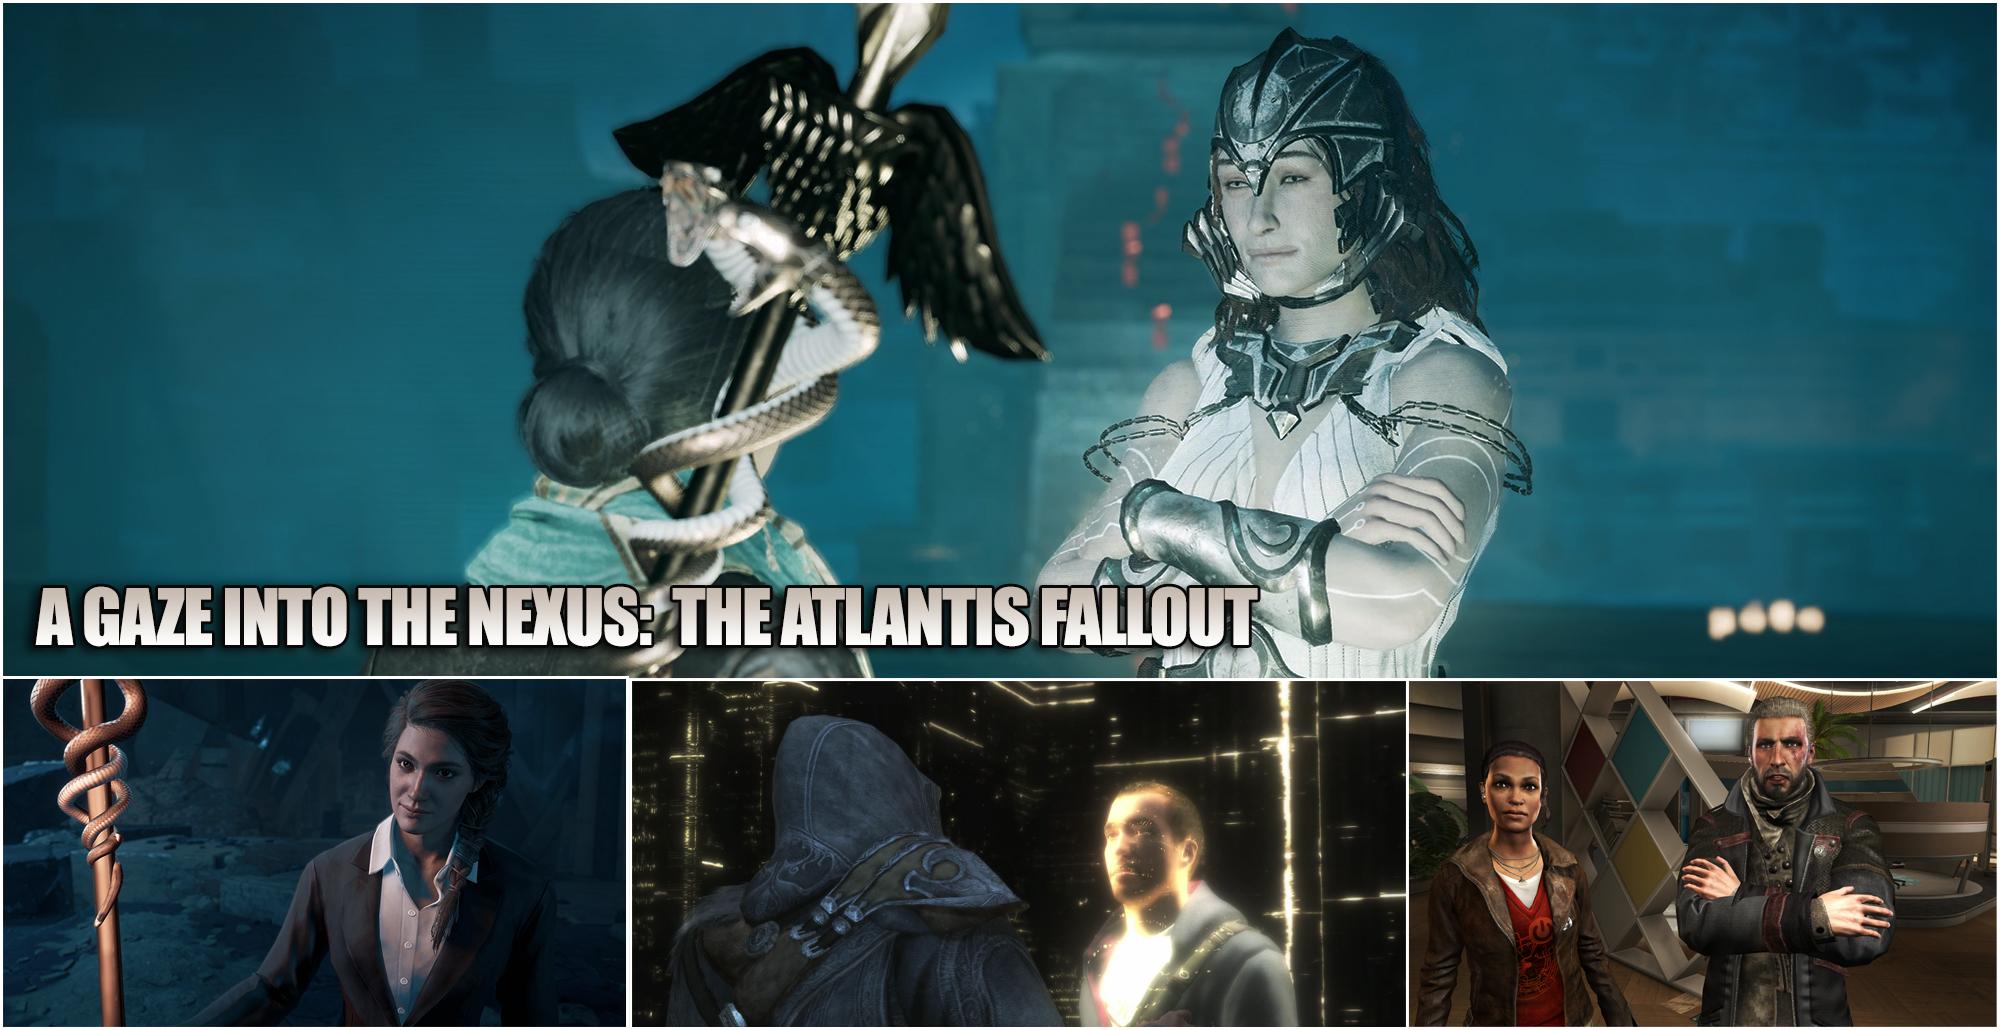 A Gaze Into The Nexus The Atlantis Fallout